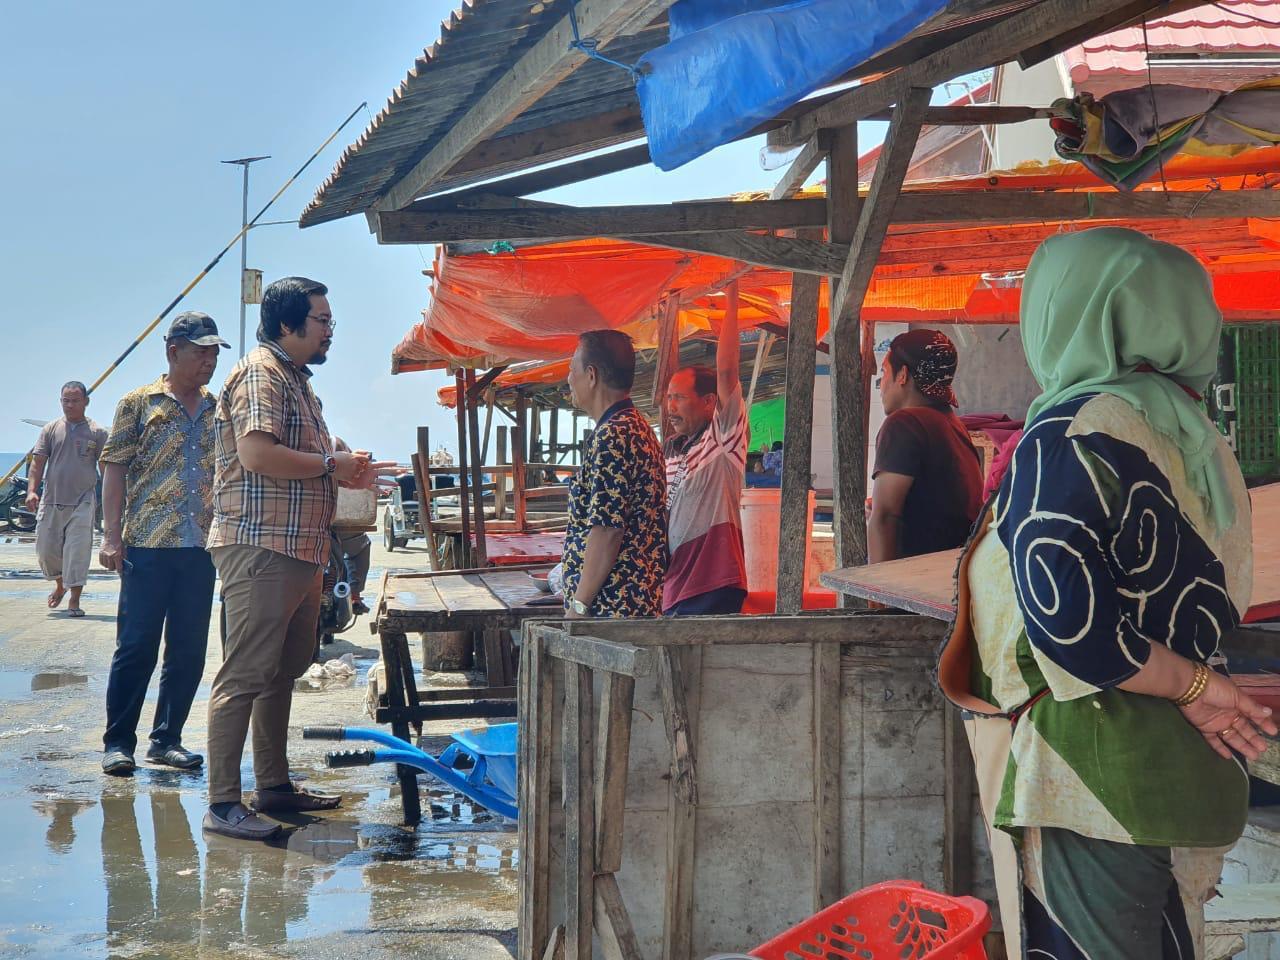 Reses, Erwin Ismail Kunjungi Tempat Pelelangan Ikan